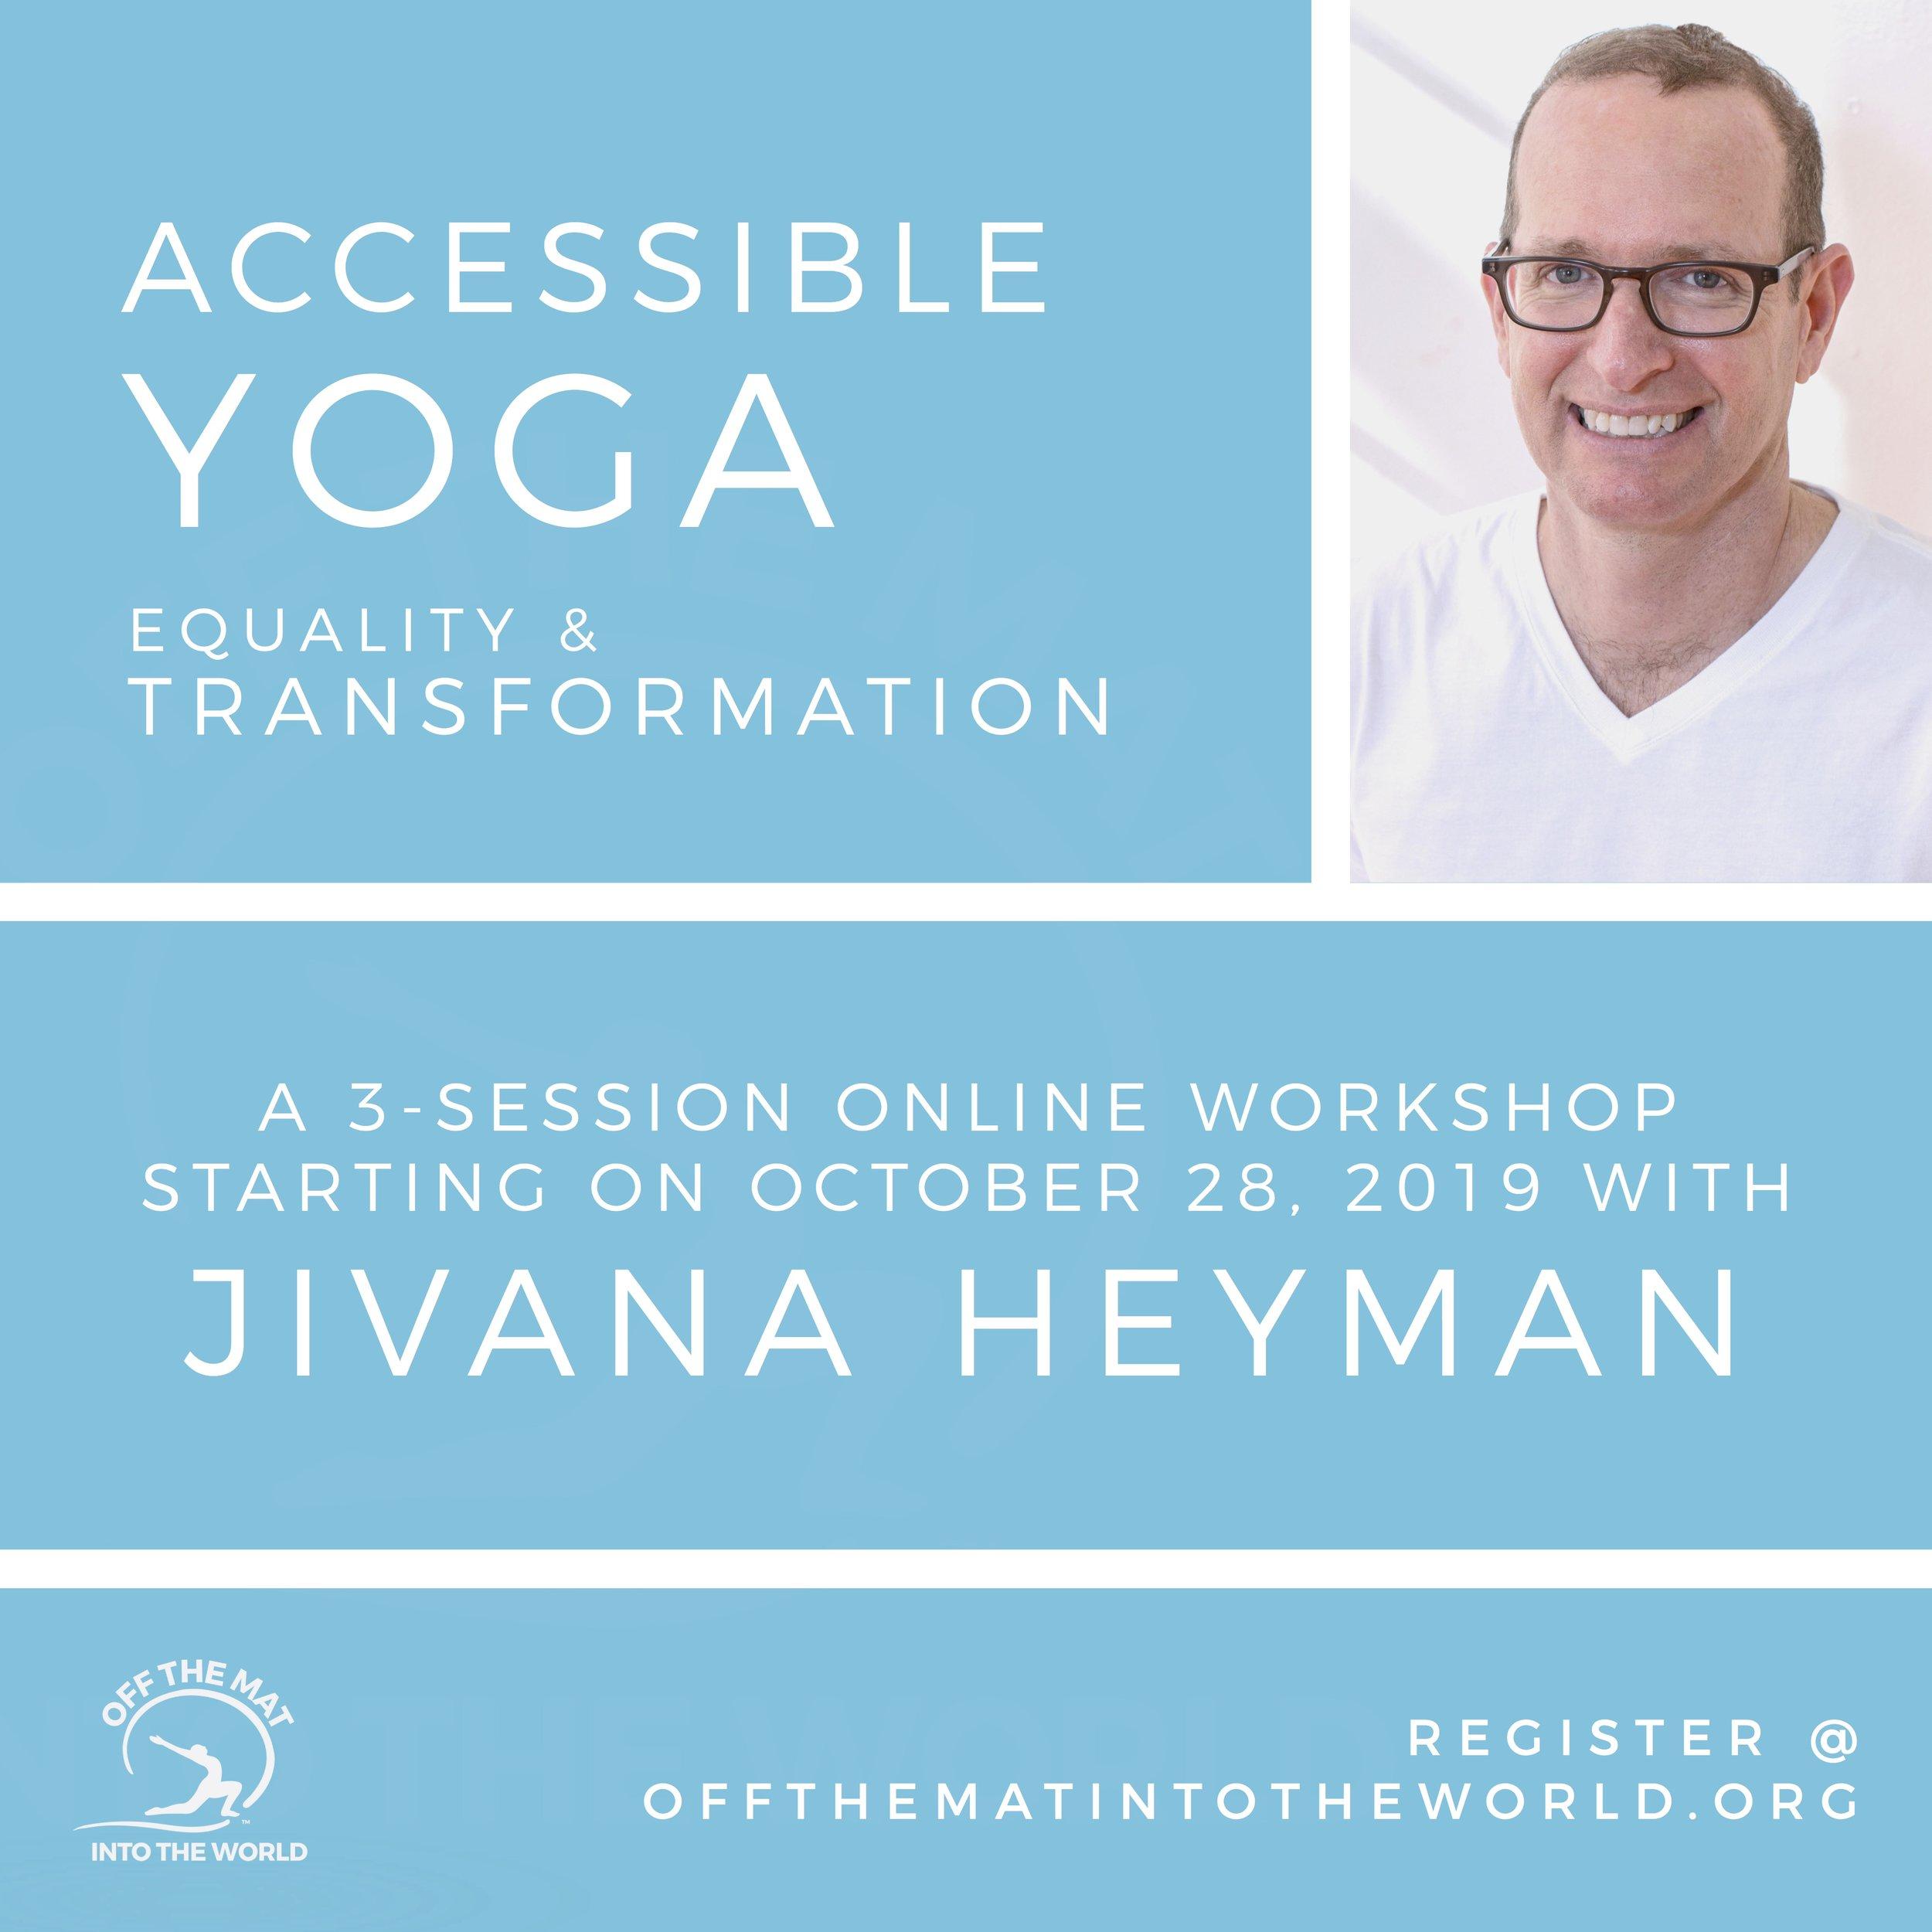 Accessible Yoga_IG.jpg